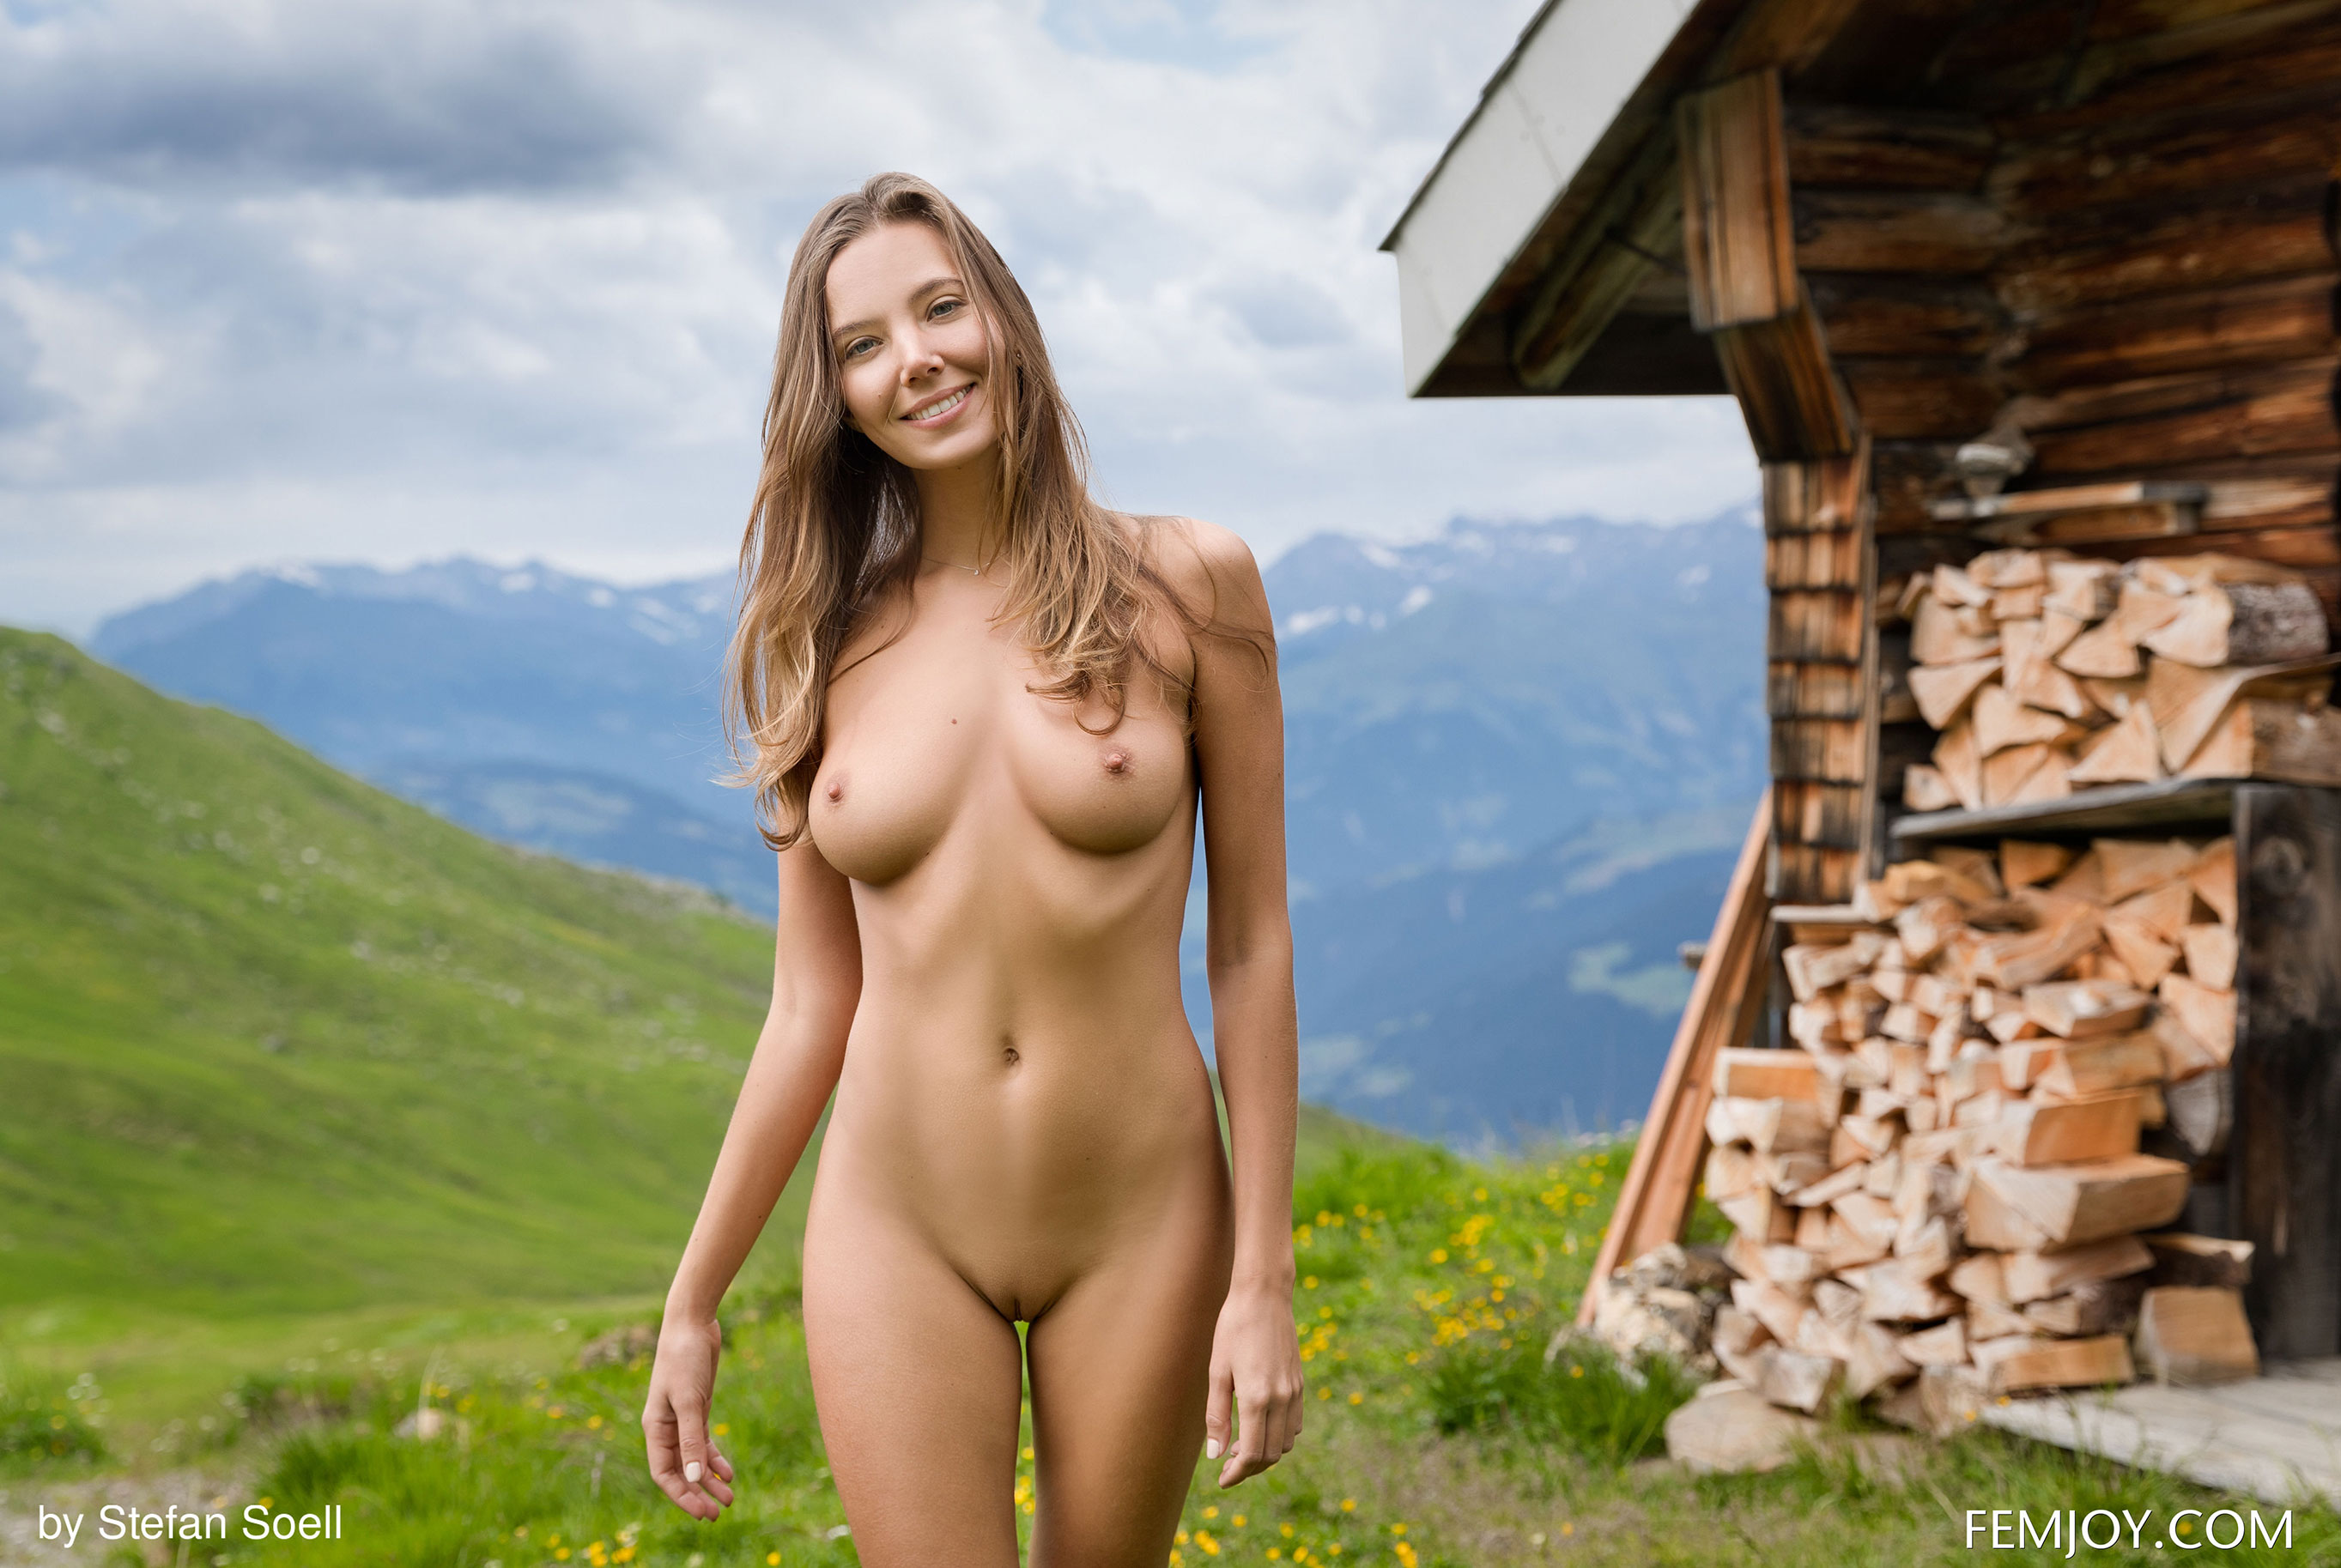 Сексуальная Катя - голая и одинокая в избушке на склоне Альпийских гор / фото 23